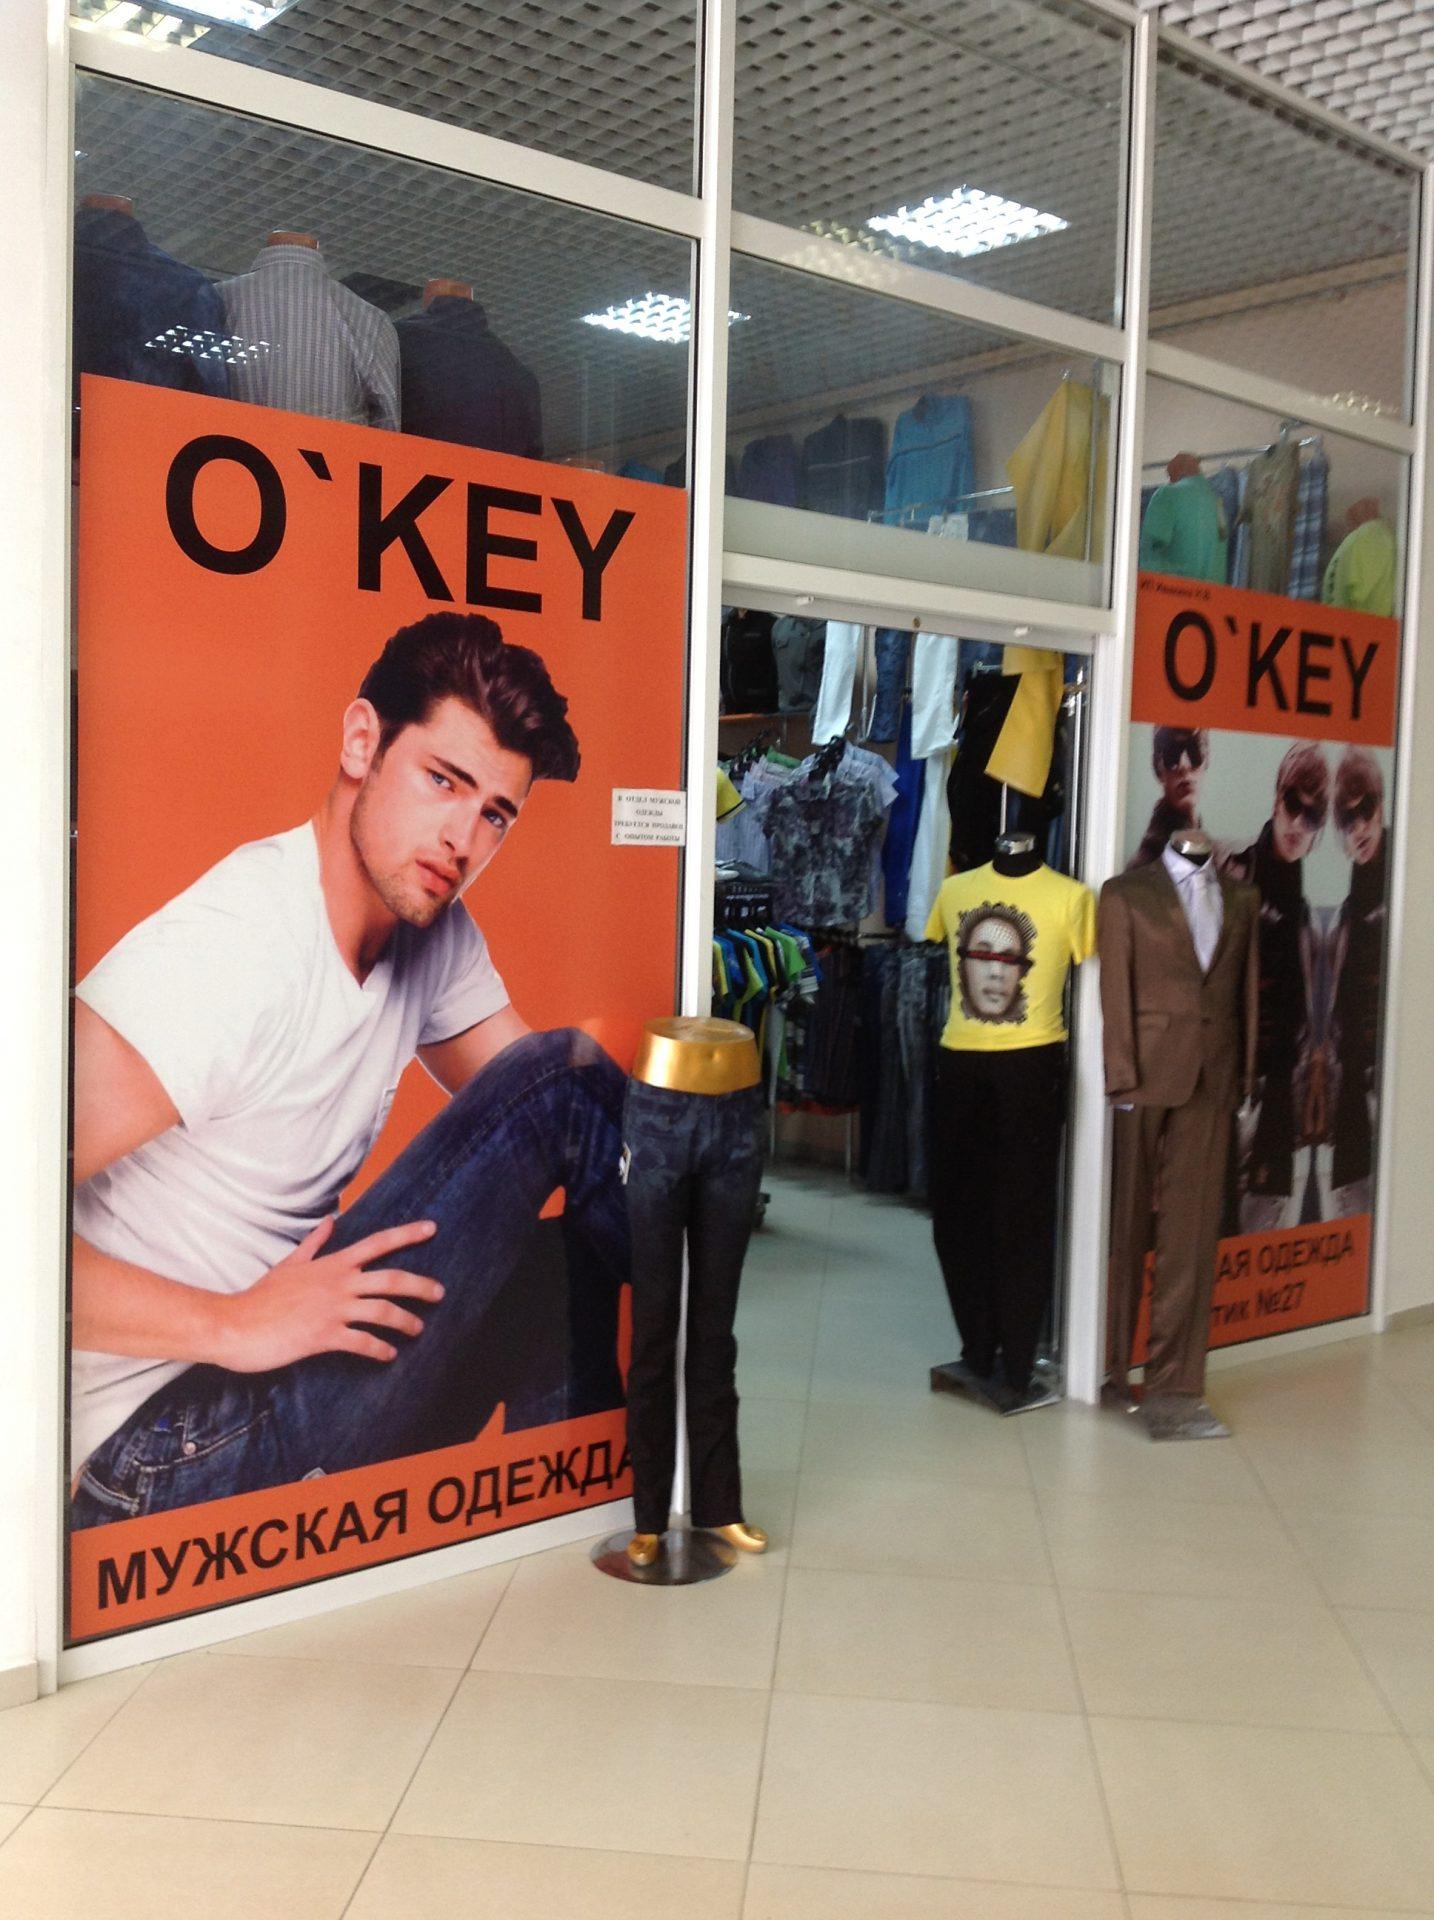 O'KEY мужская одежда